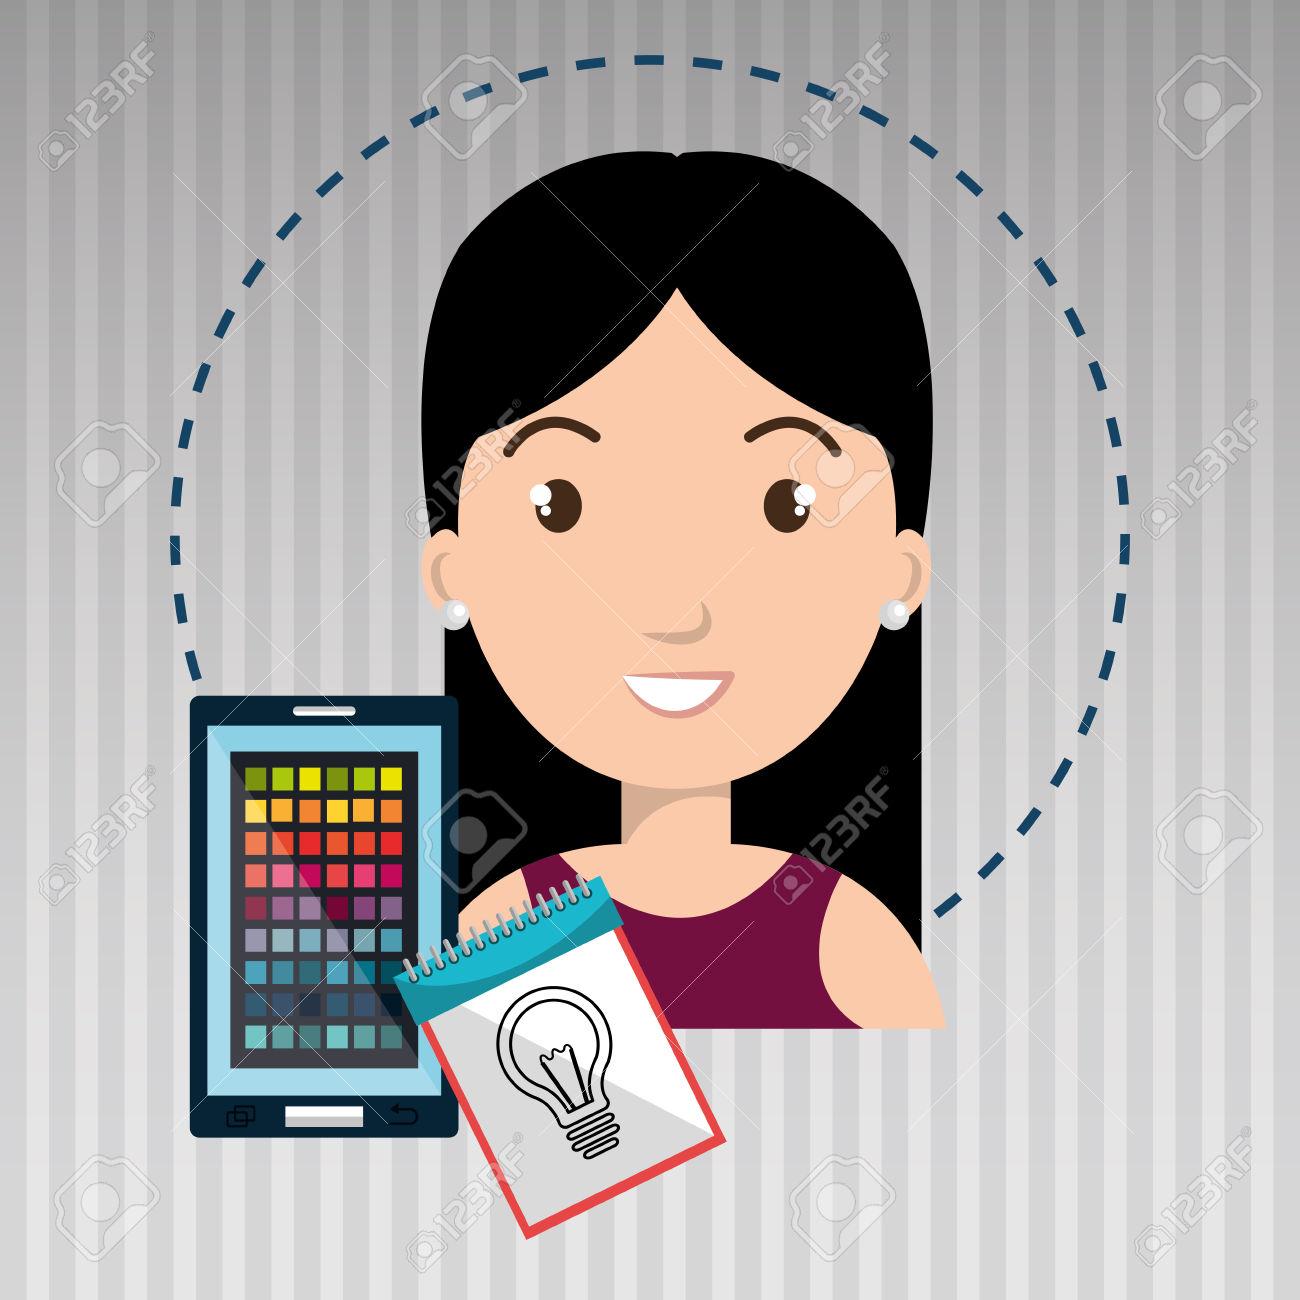 Man Smartphone Color Chart Idea Royalty Free Cliparts, Vectors.